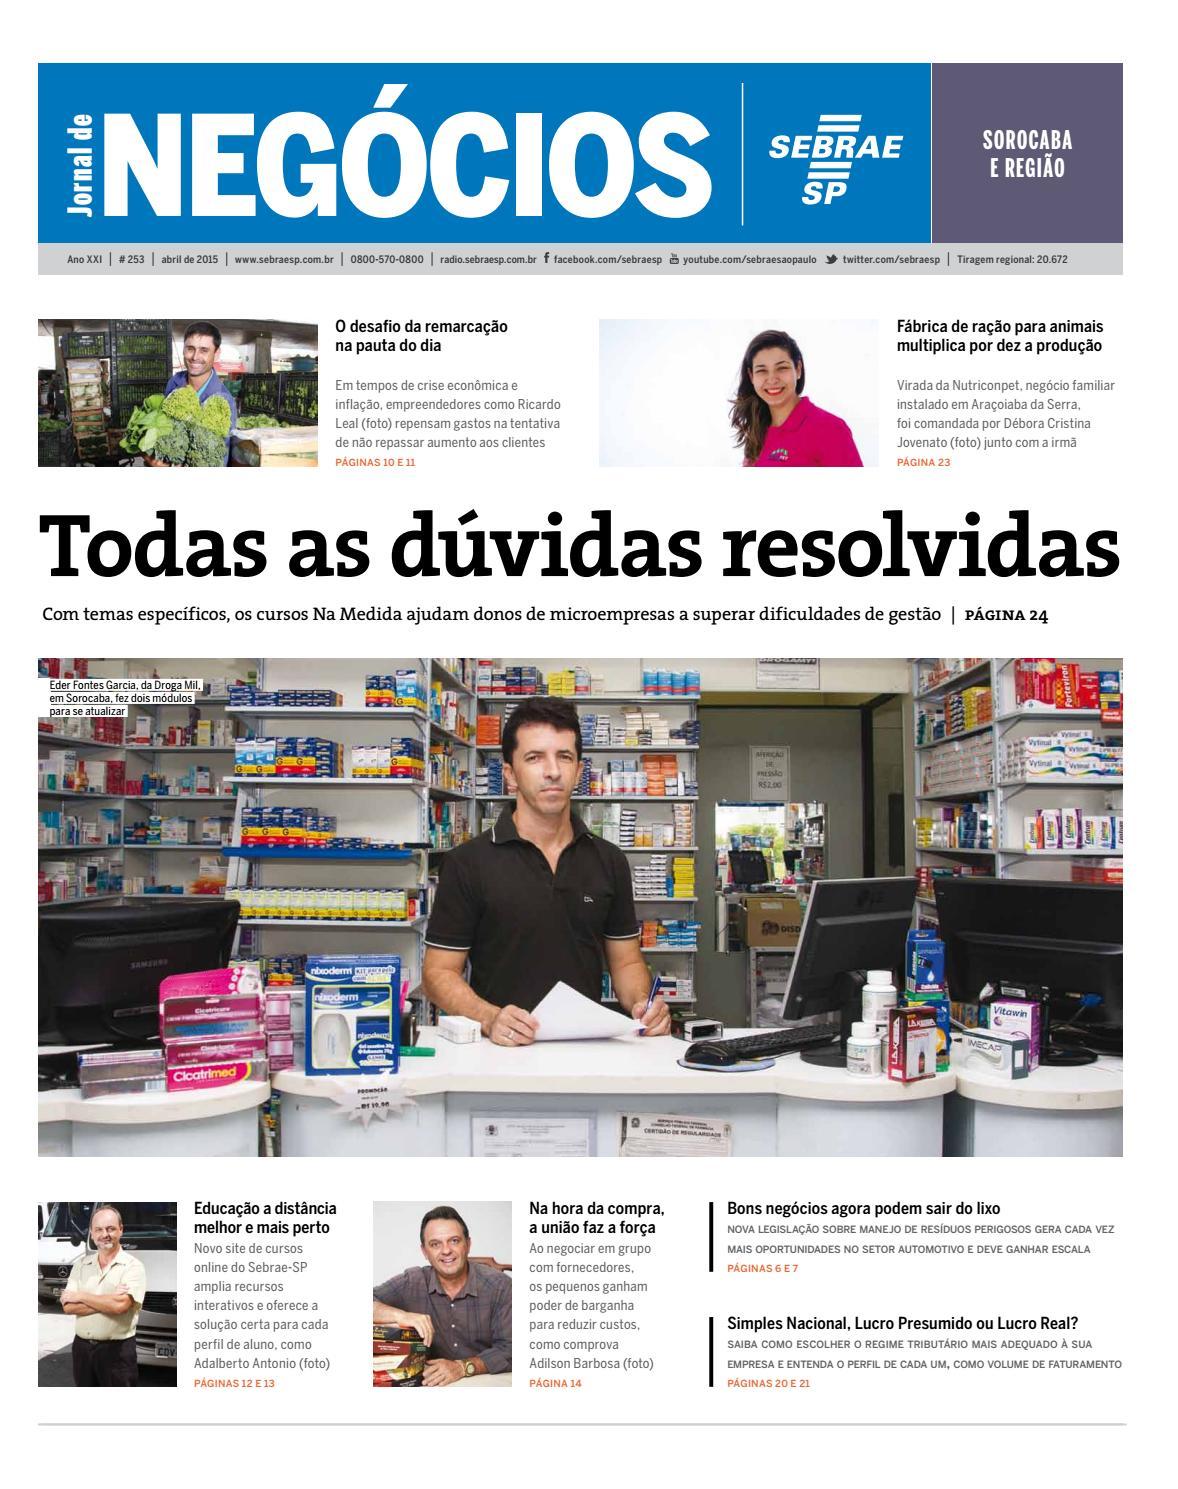 f08e836936 Jornal de Negócios Sebrae-SP - 01 de Abril de 2015 - Sorocaba e Região by  Sebrae-SP - issuu